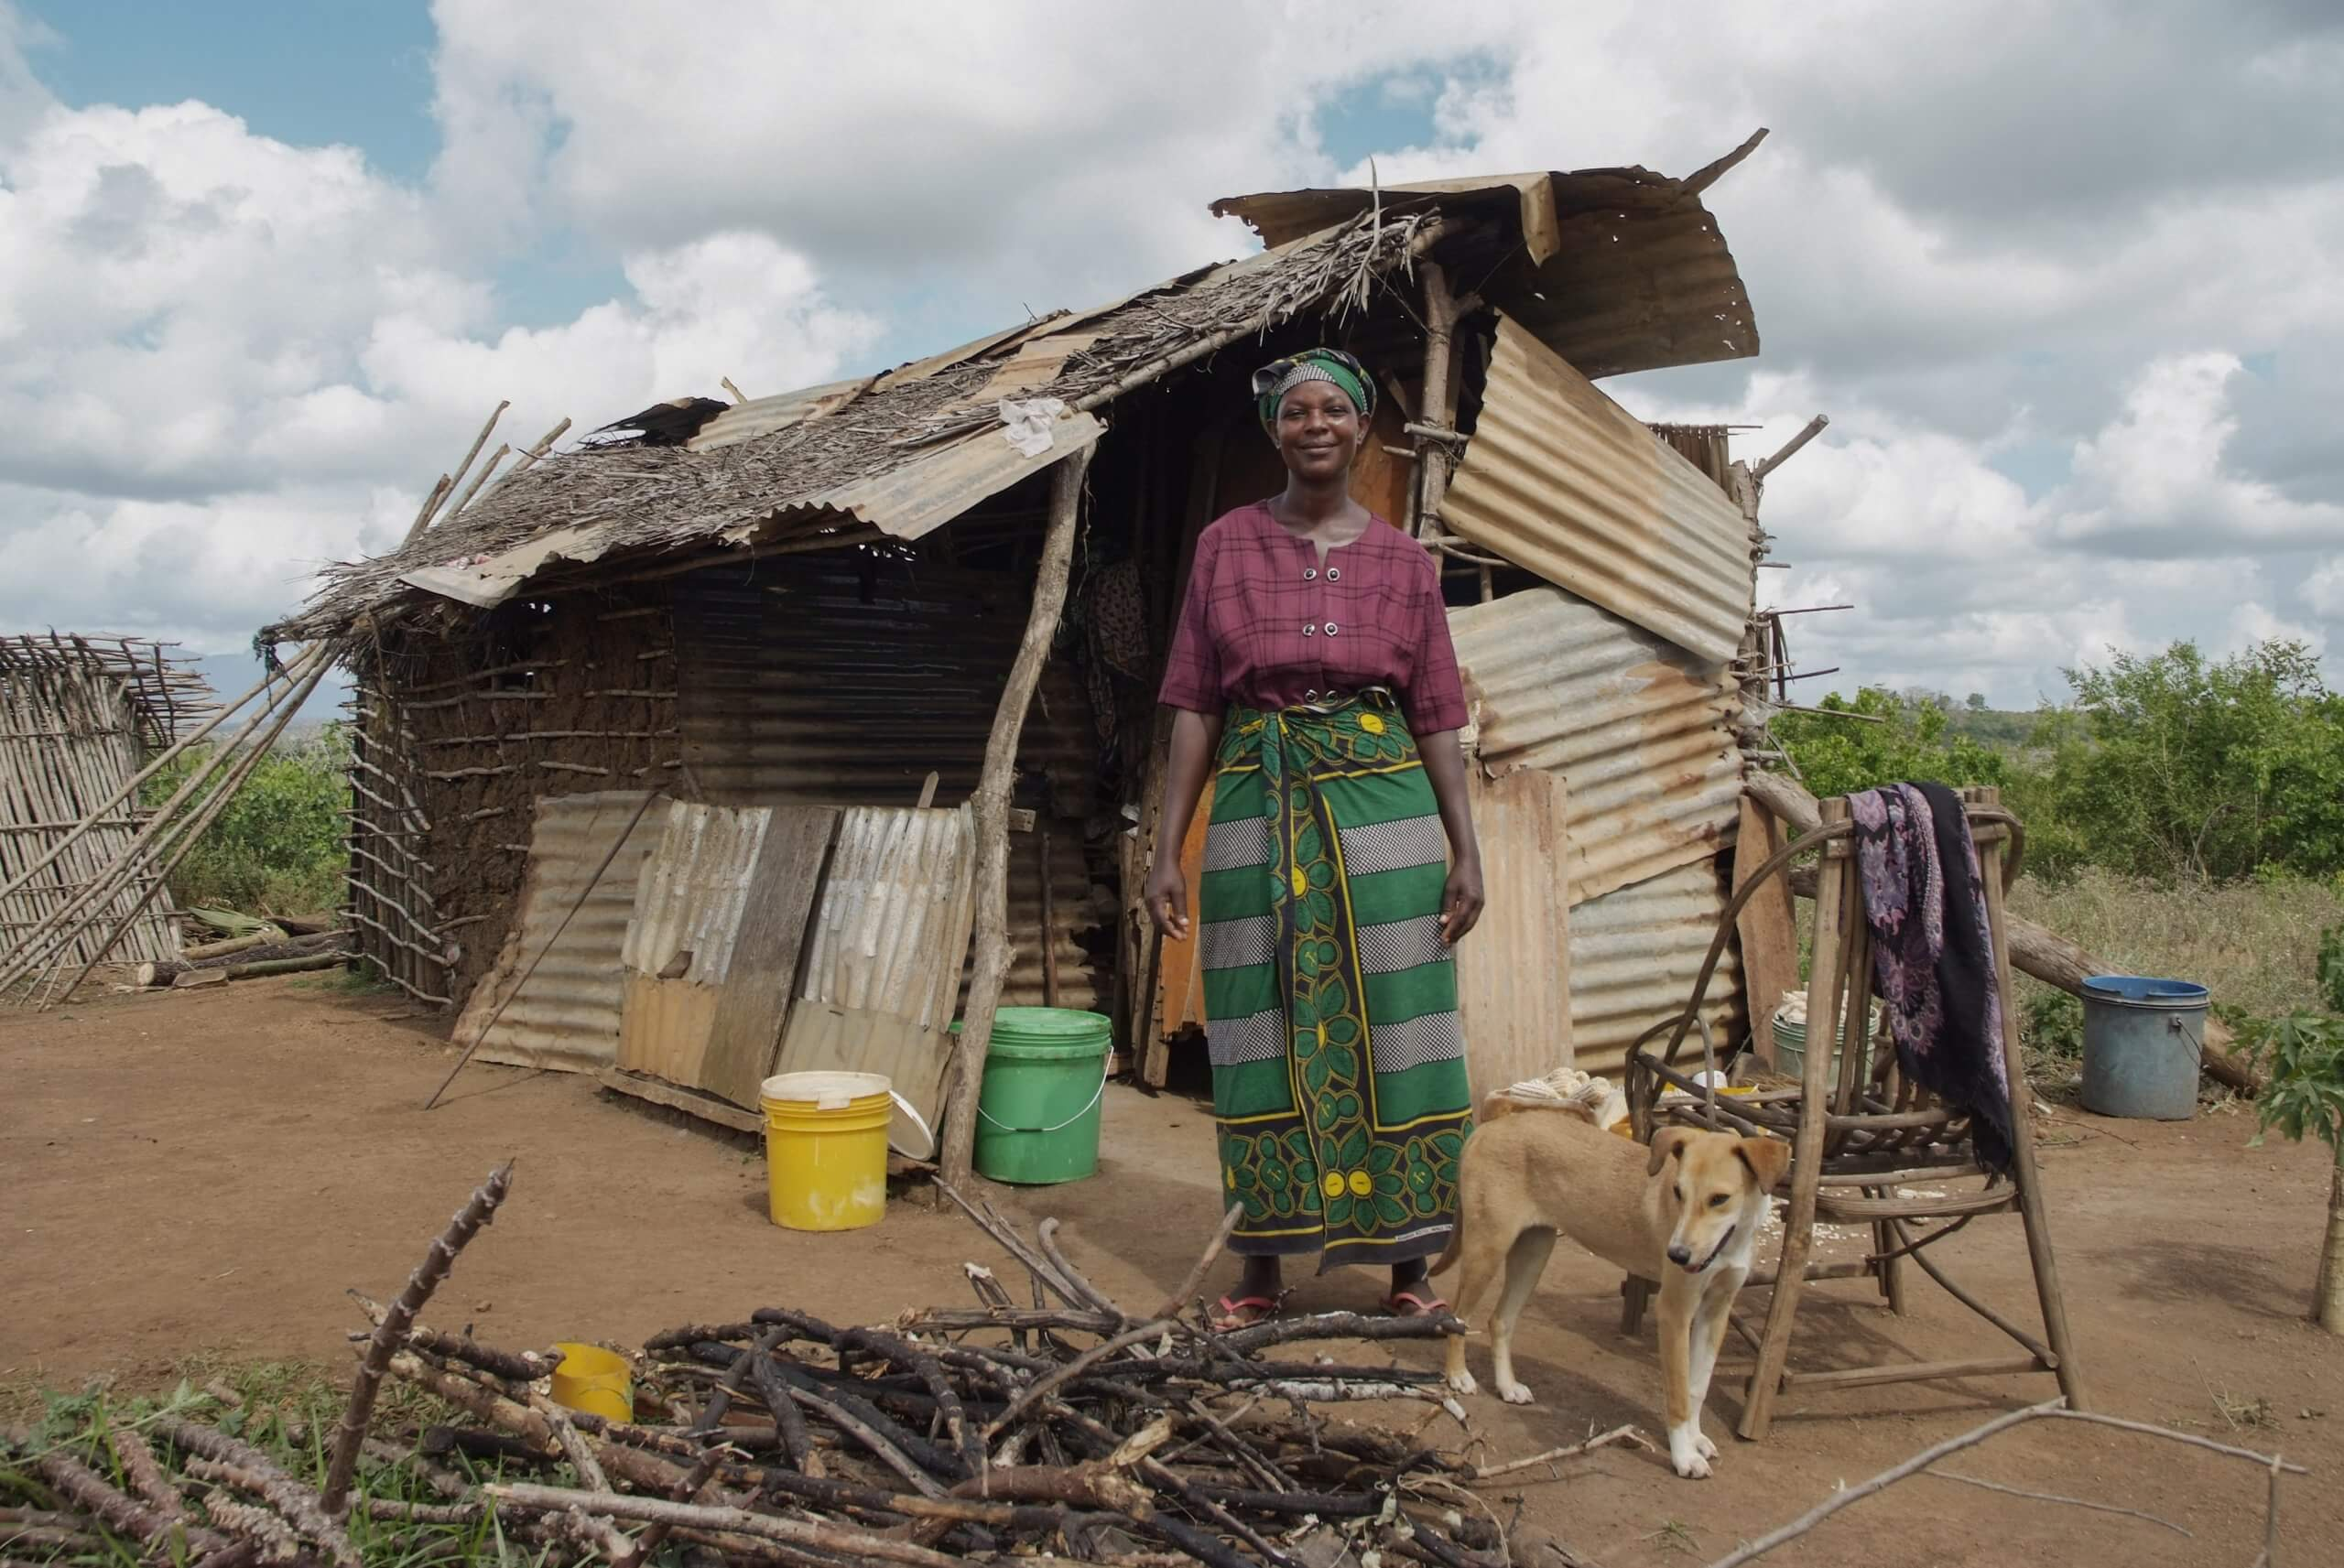 01 1 trotseboerin hond tanzania Eva A Nkya 3141 1 scaled